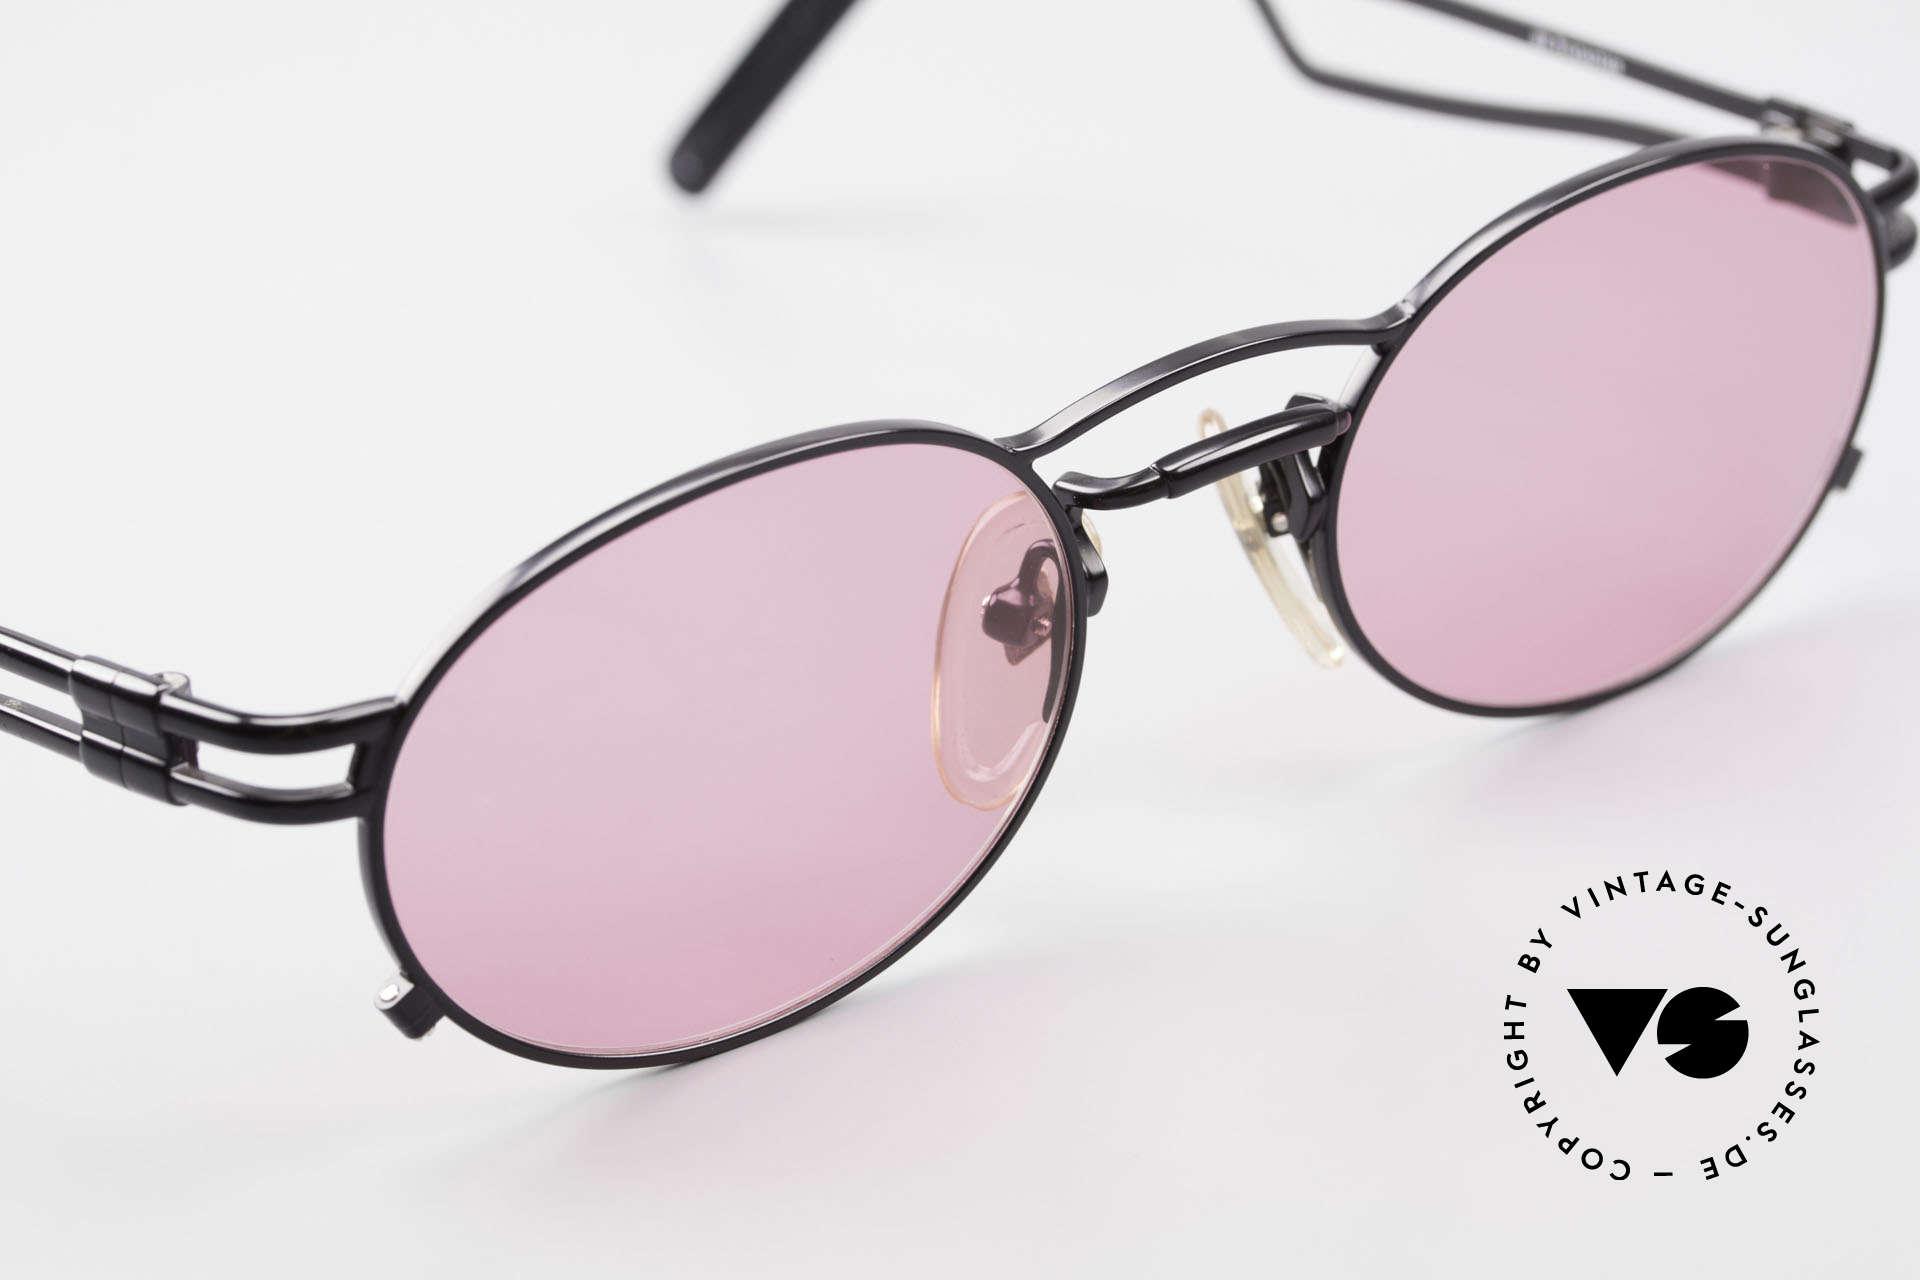 Jean Paul Gaultier 56-3173 Pinke Ovale Vintage Brille, ungetragen (wie alle unsere vintage 90er Designerbrillen), Passend für Herren und Damen